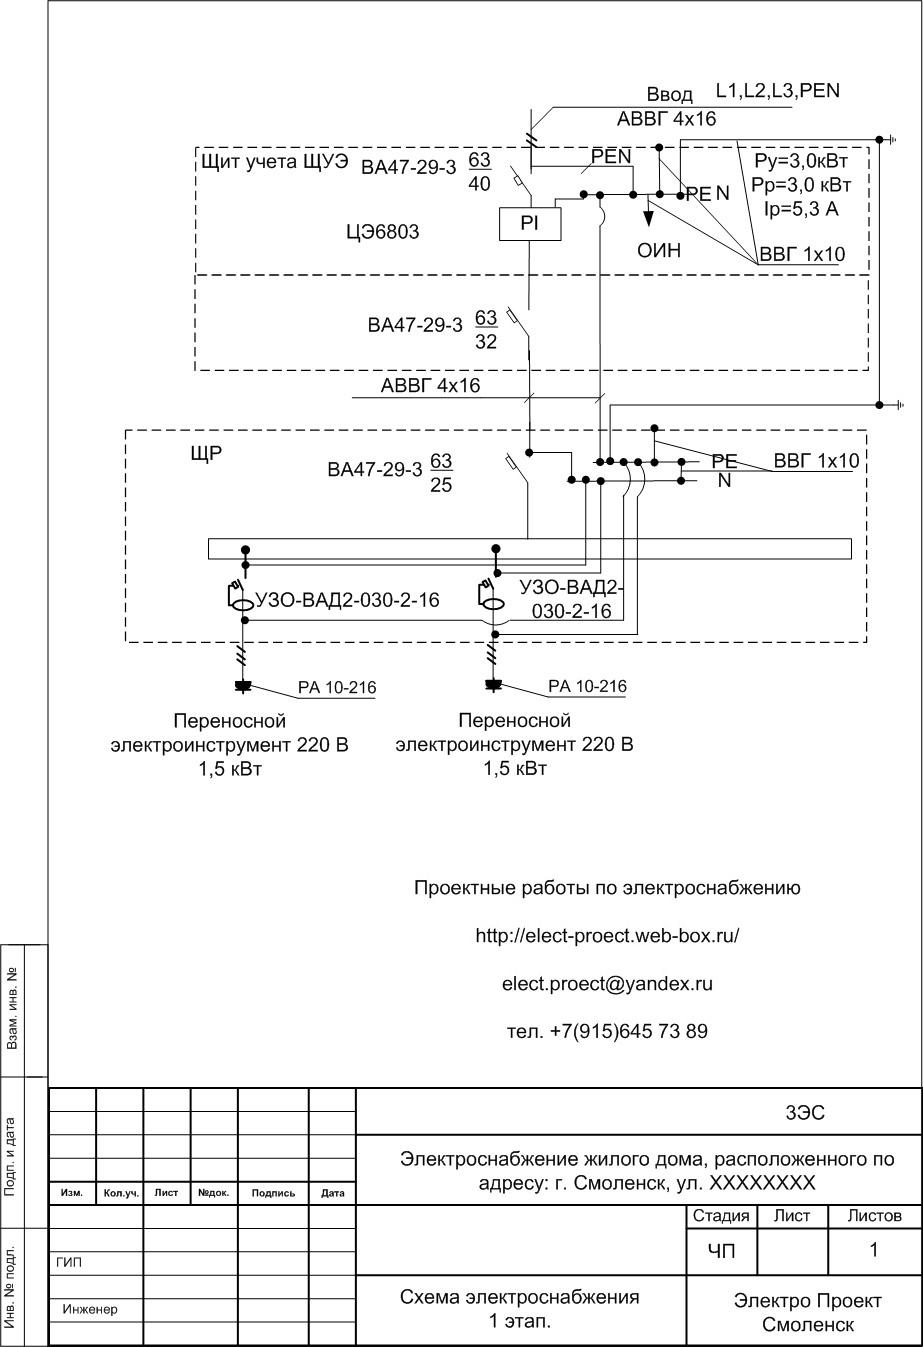 Схема временного электроснабжения строительства4